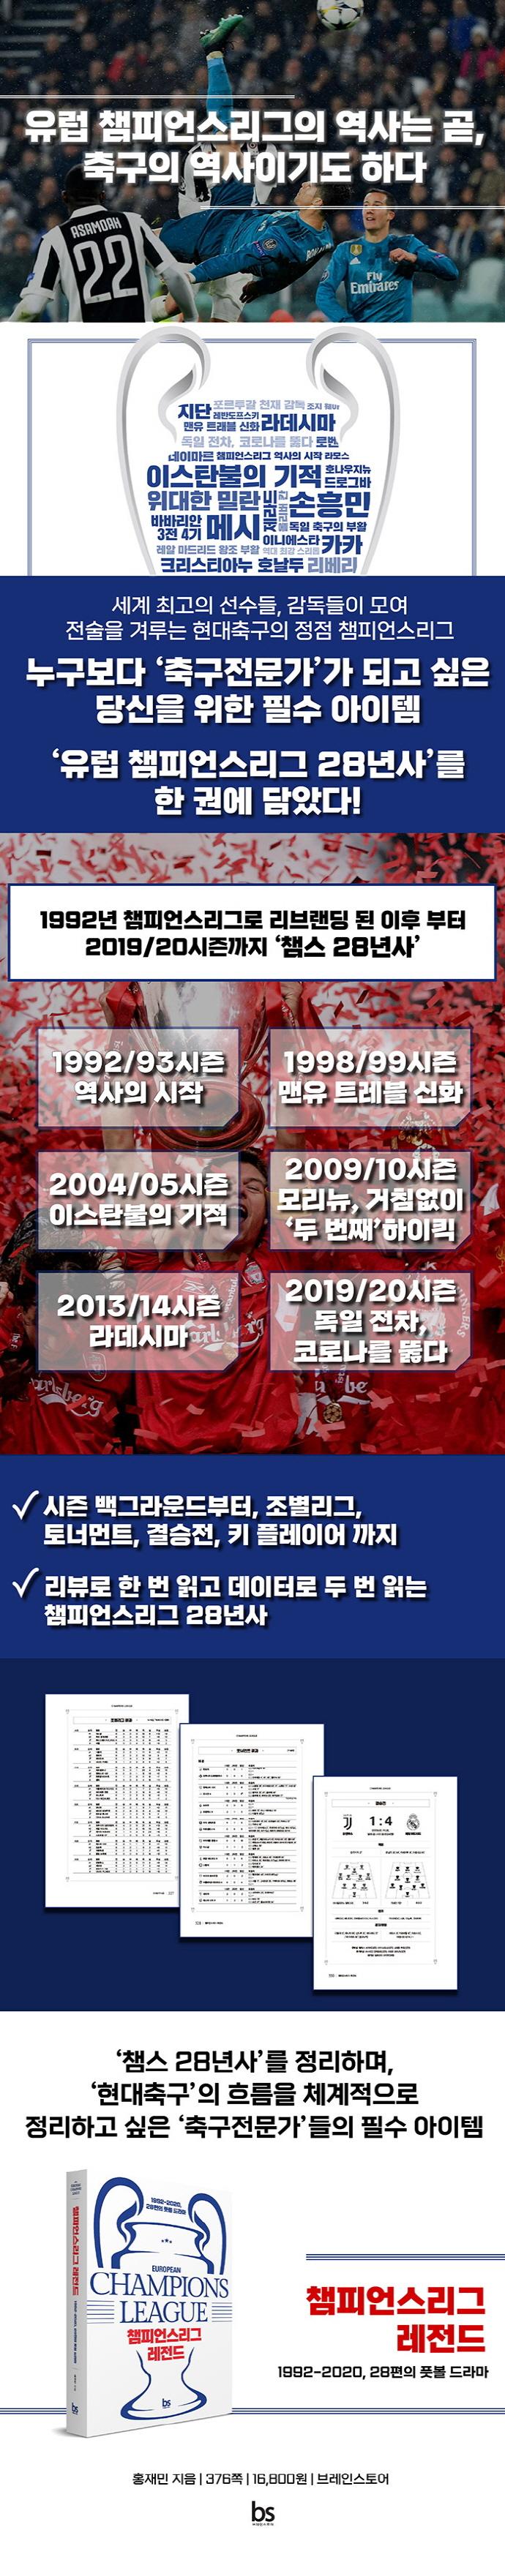 챔피언스리그 레전드 도서 상세이미지